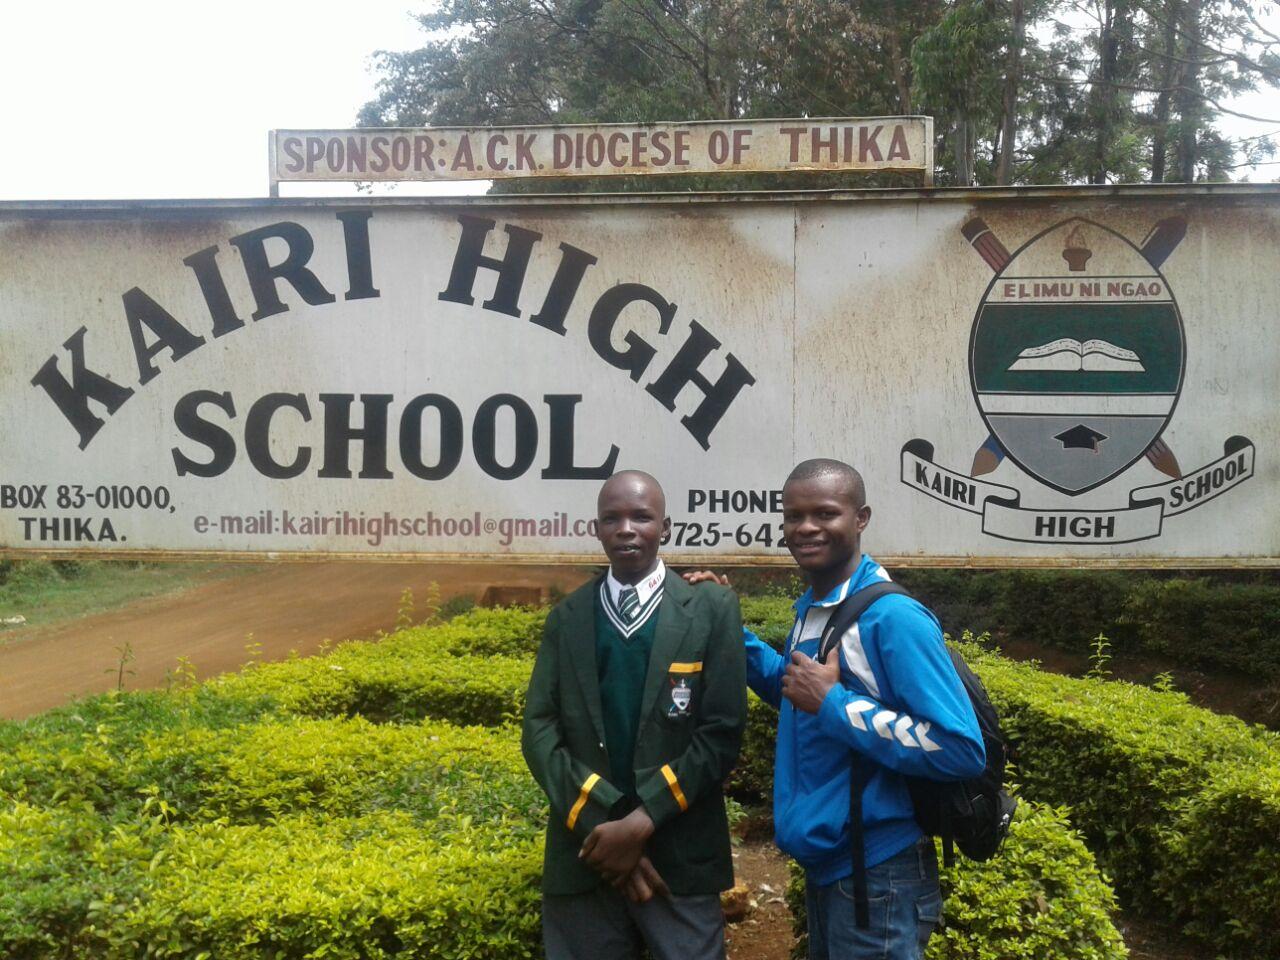 Dennis und Mercy besuchen nun die High-School